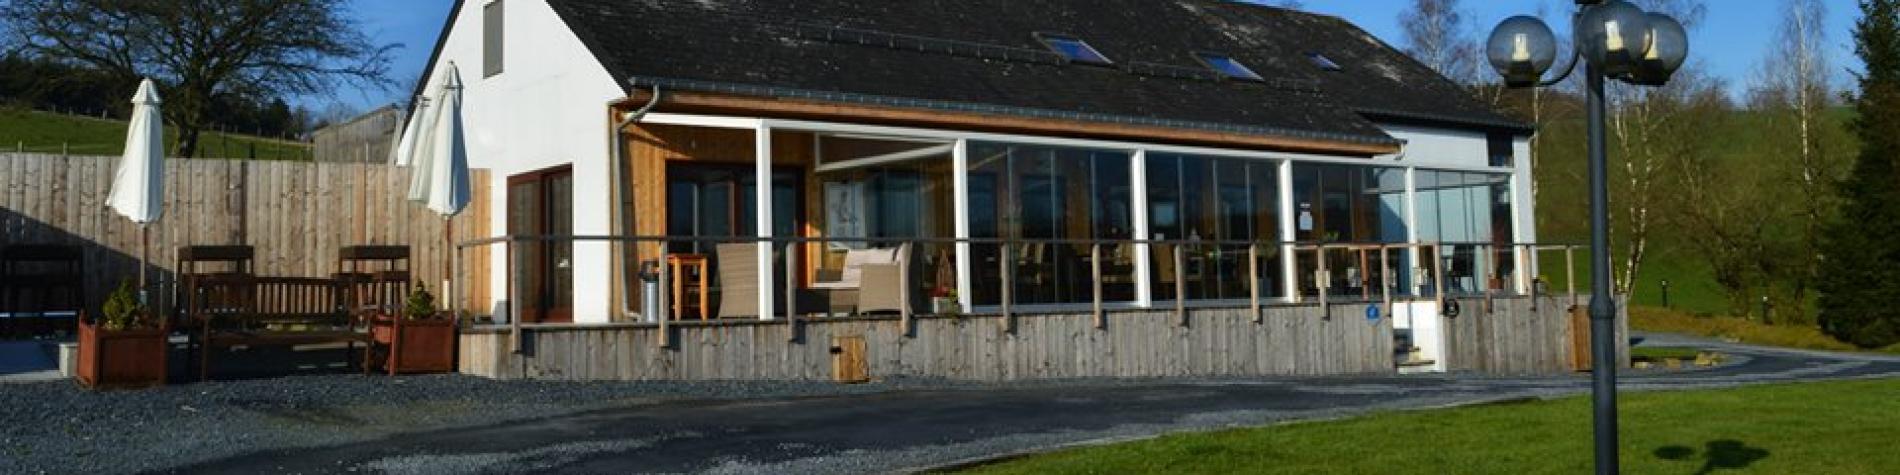 Hôtel - L'Espine - Wibrin